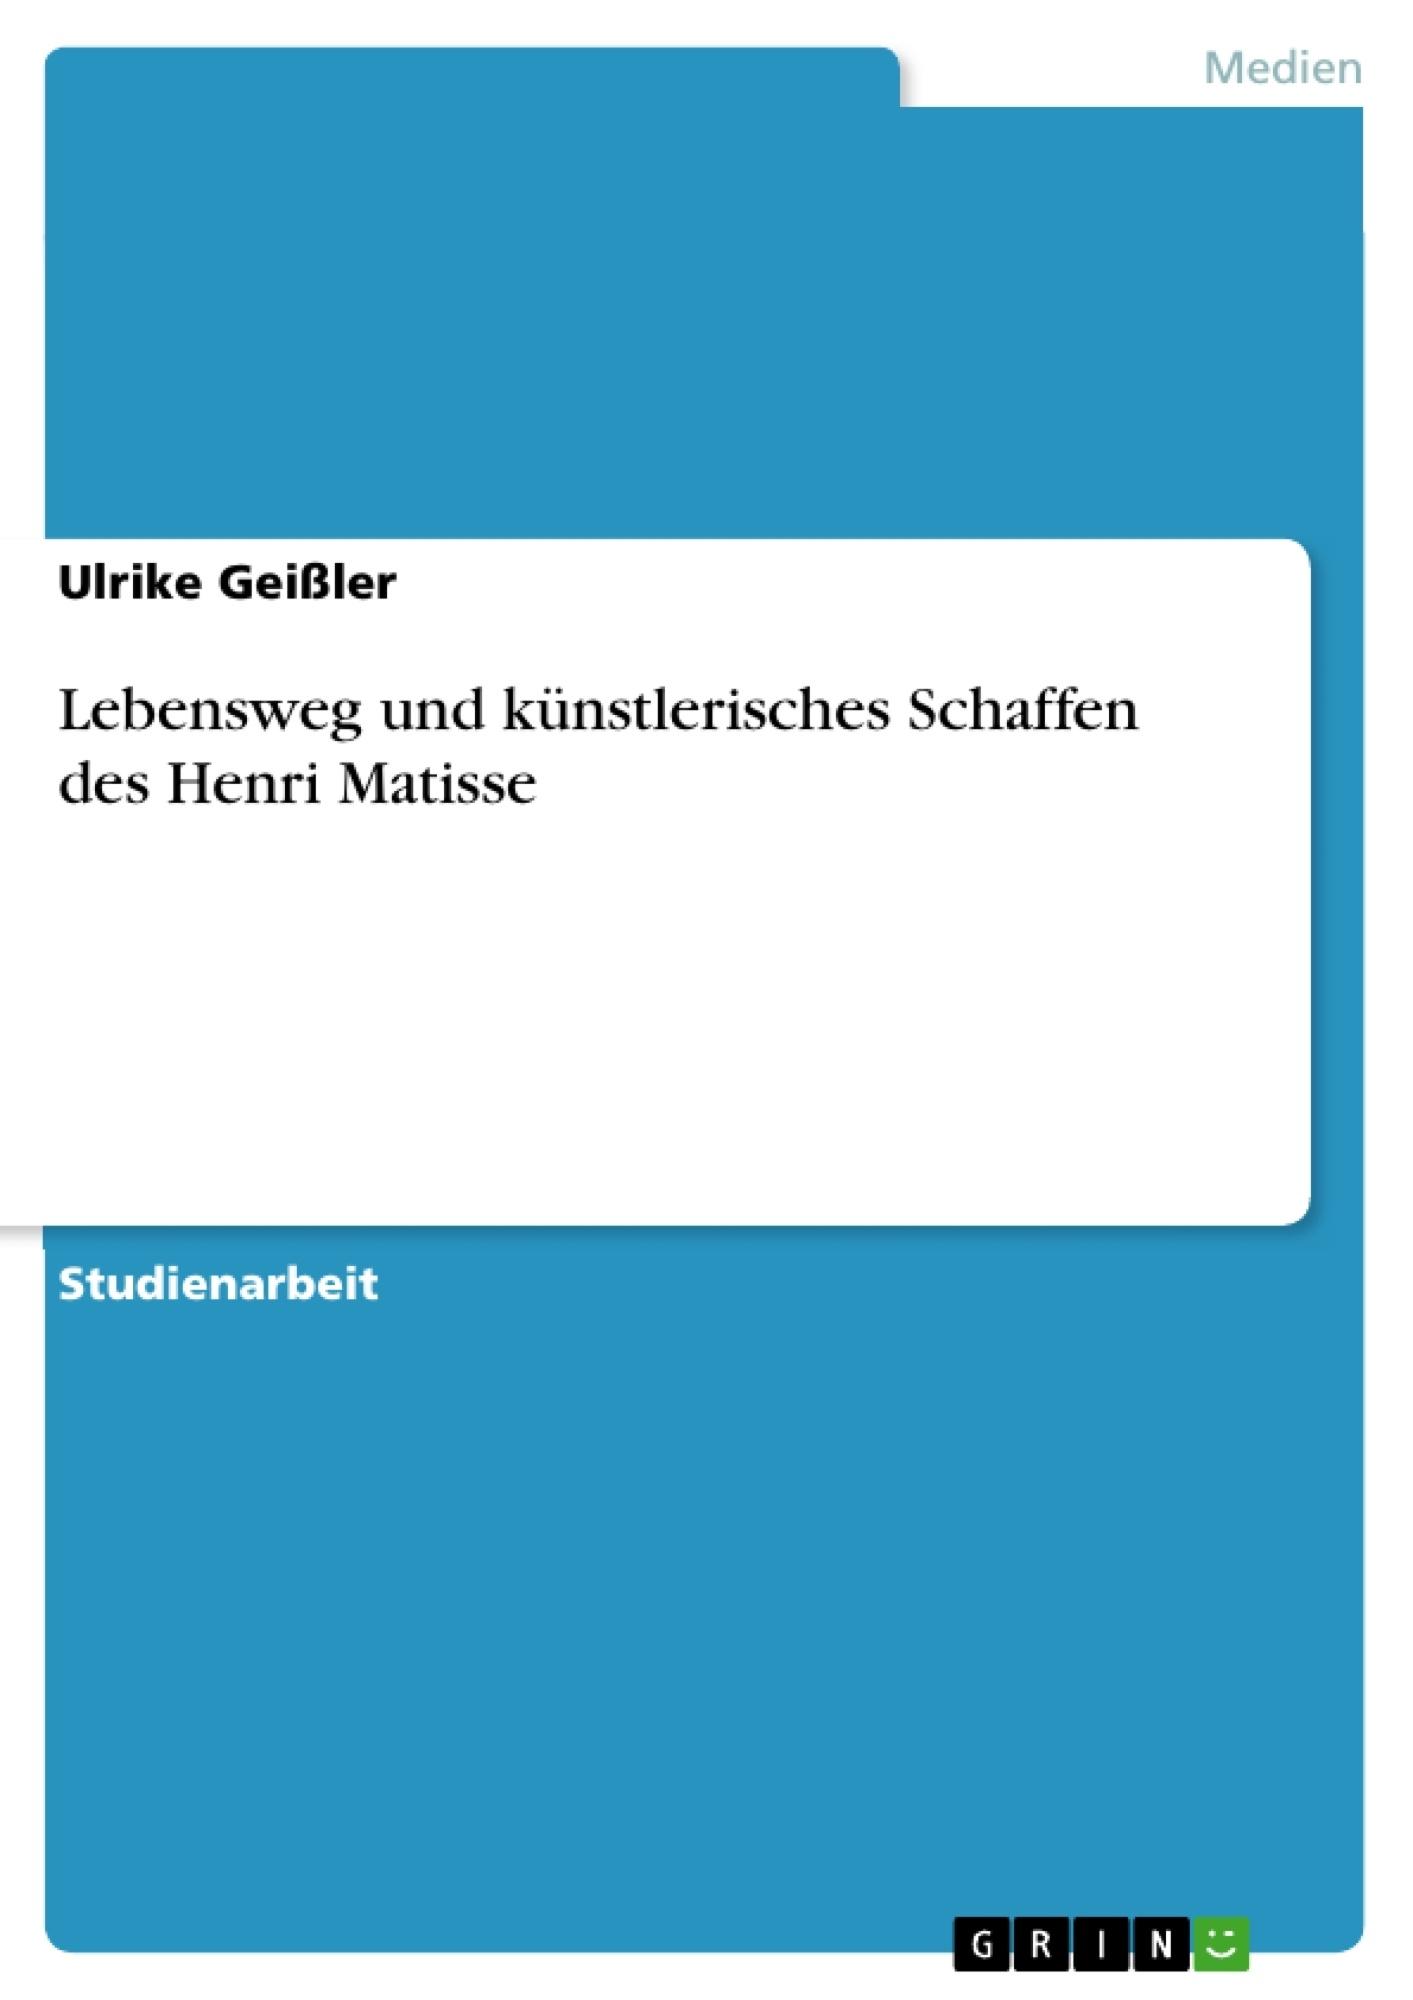 Titel: Lebensweg und künstlerisches Schaffen des Henri Matisse